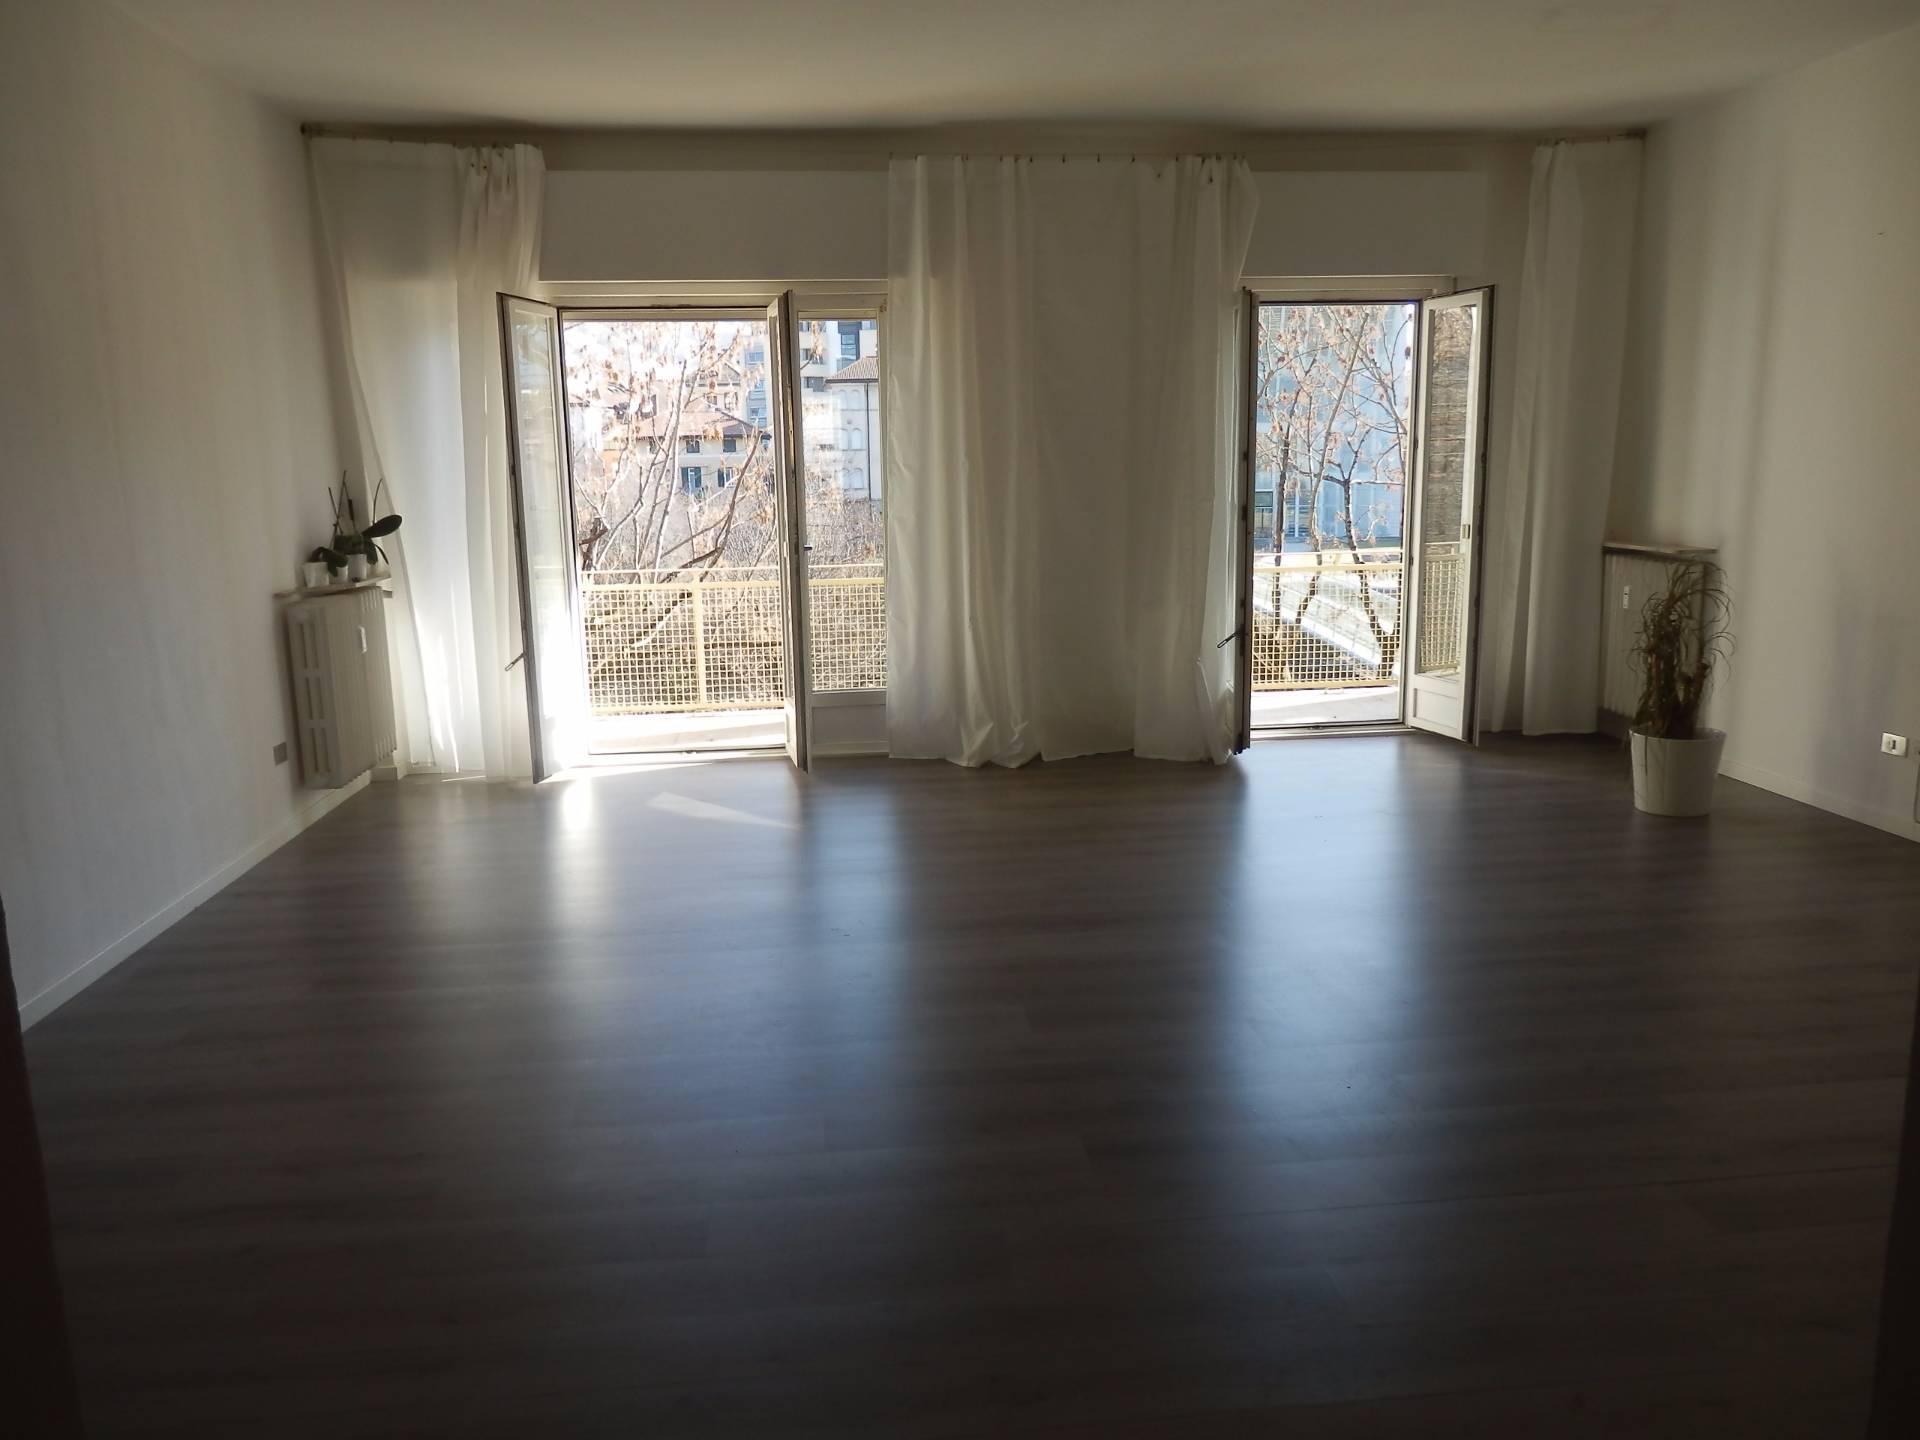 Appartamento in affitto a Bolzano, 6 locali, zona Zona: Residenziale, prezzo € 100 | Cambio Casa.it